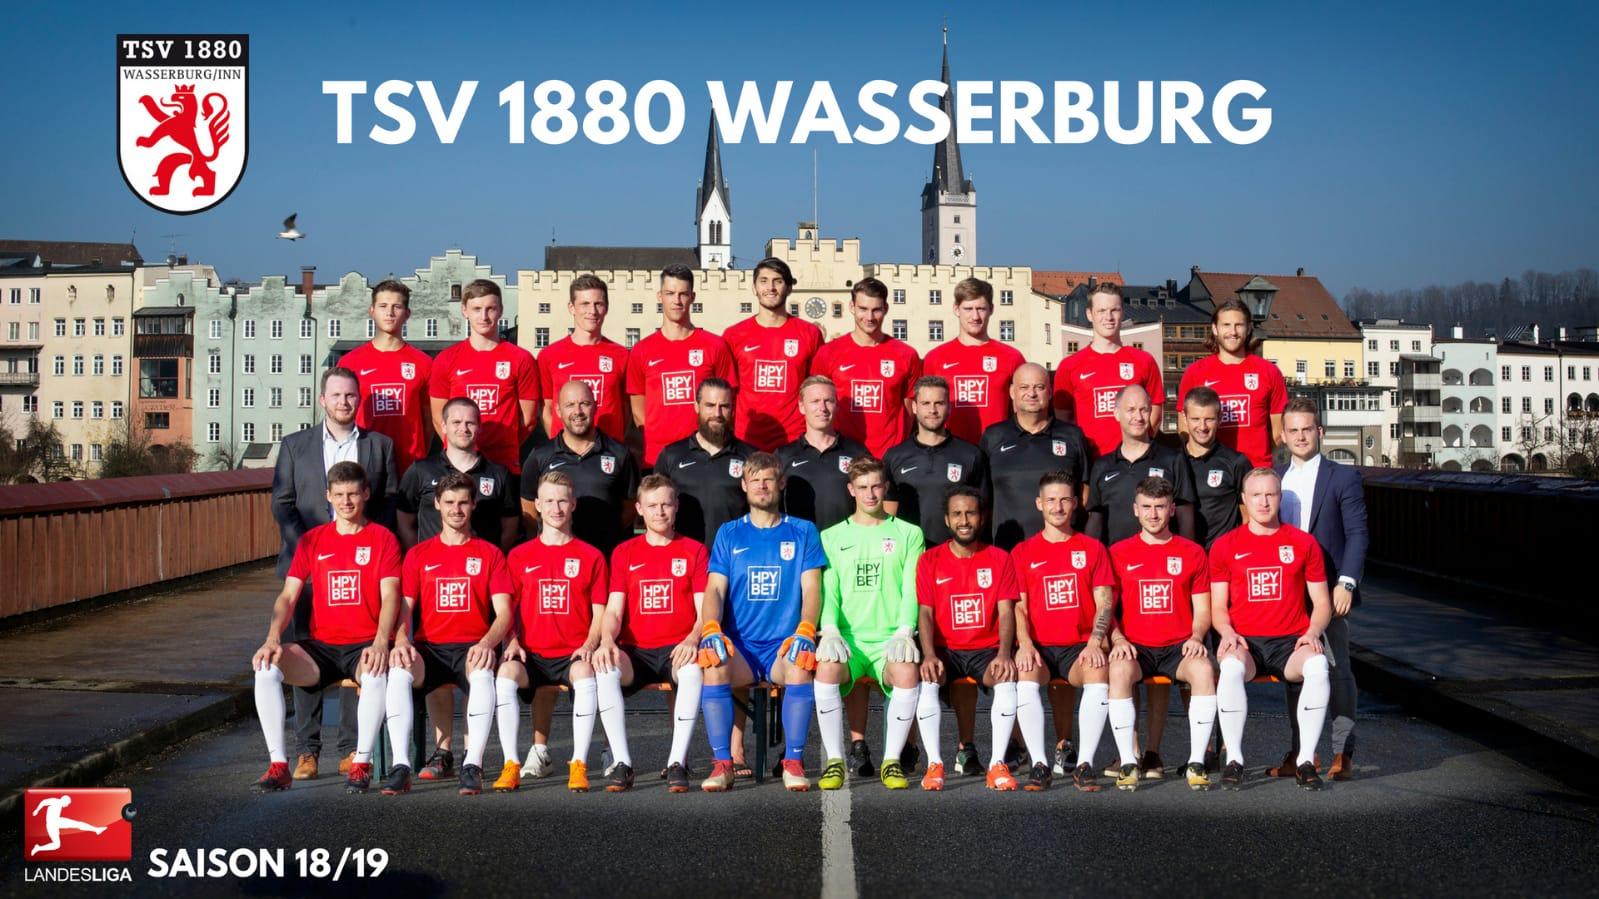 Wir unterstützten den TSV 1880 Wasserburg